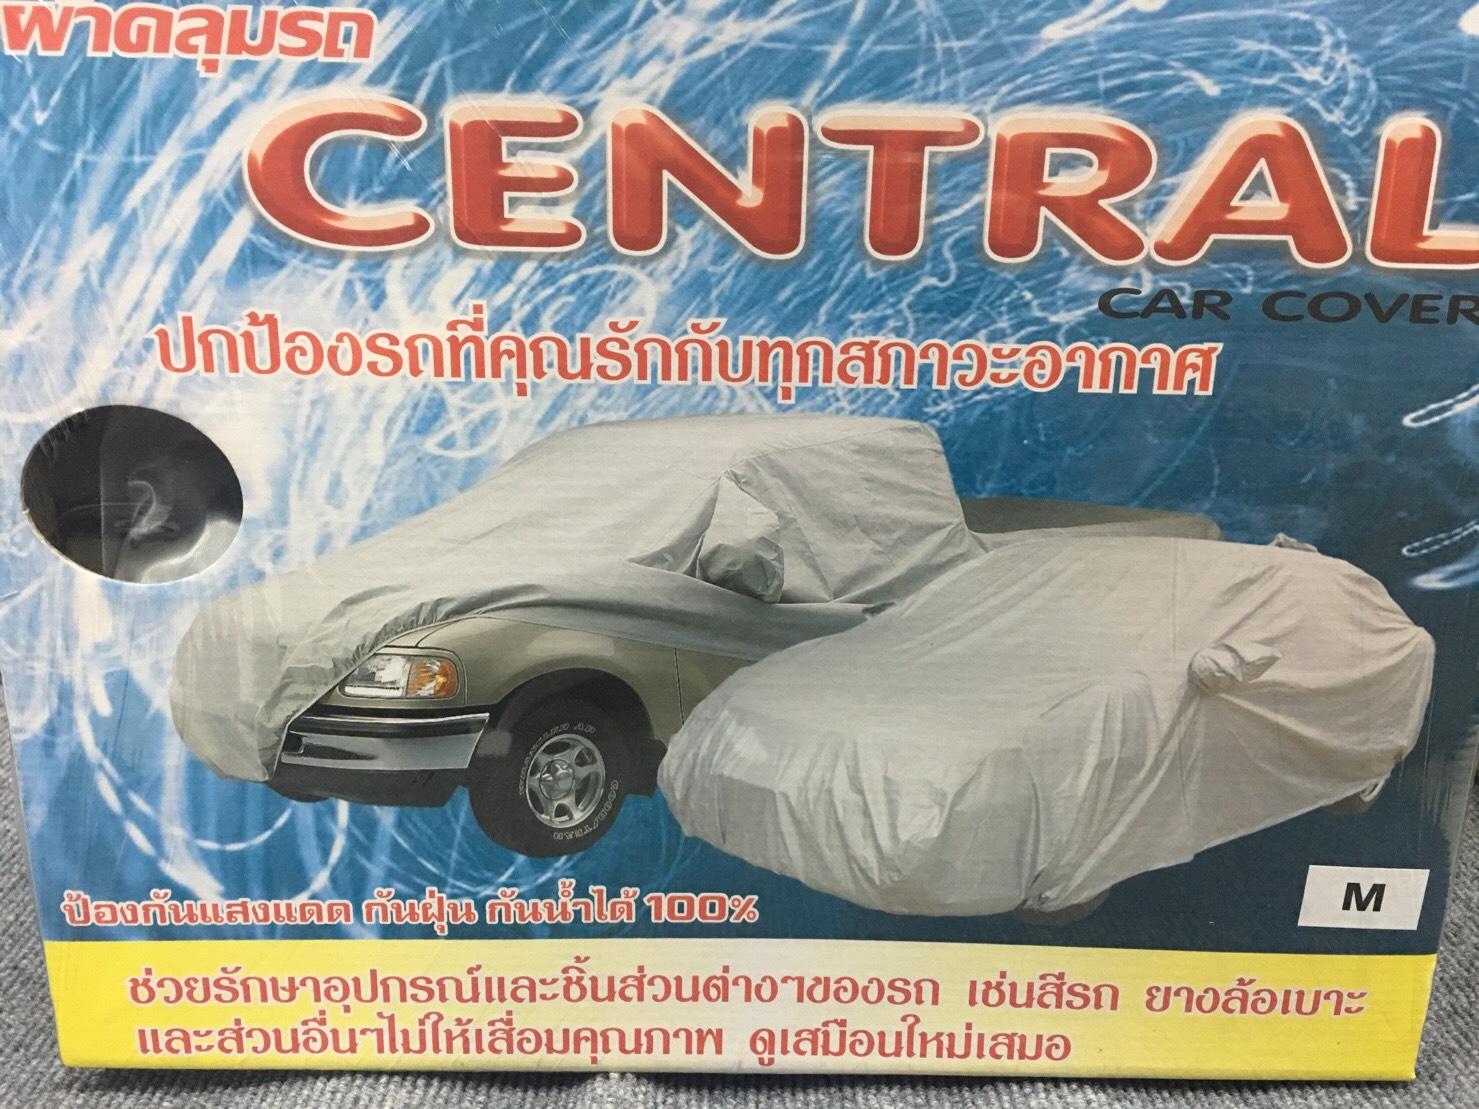 ผ้าคลุมรถ เนื้อ PVC อย่างดี หนาพิเศษ 700บาท